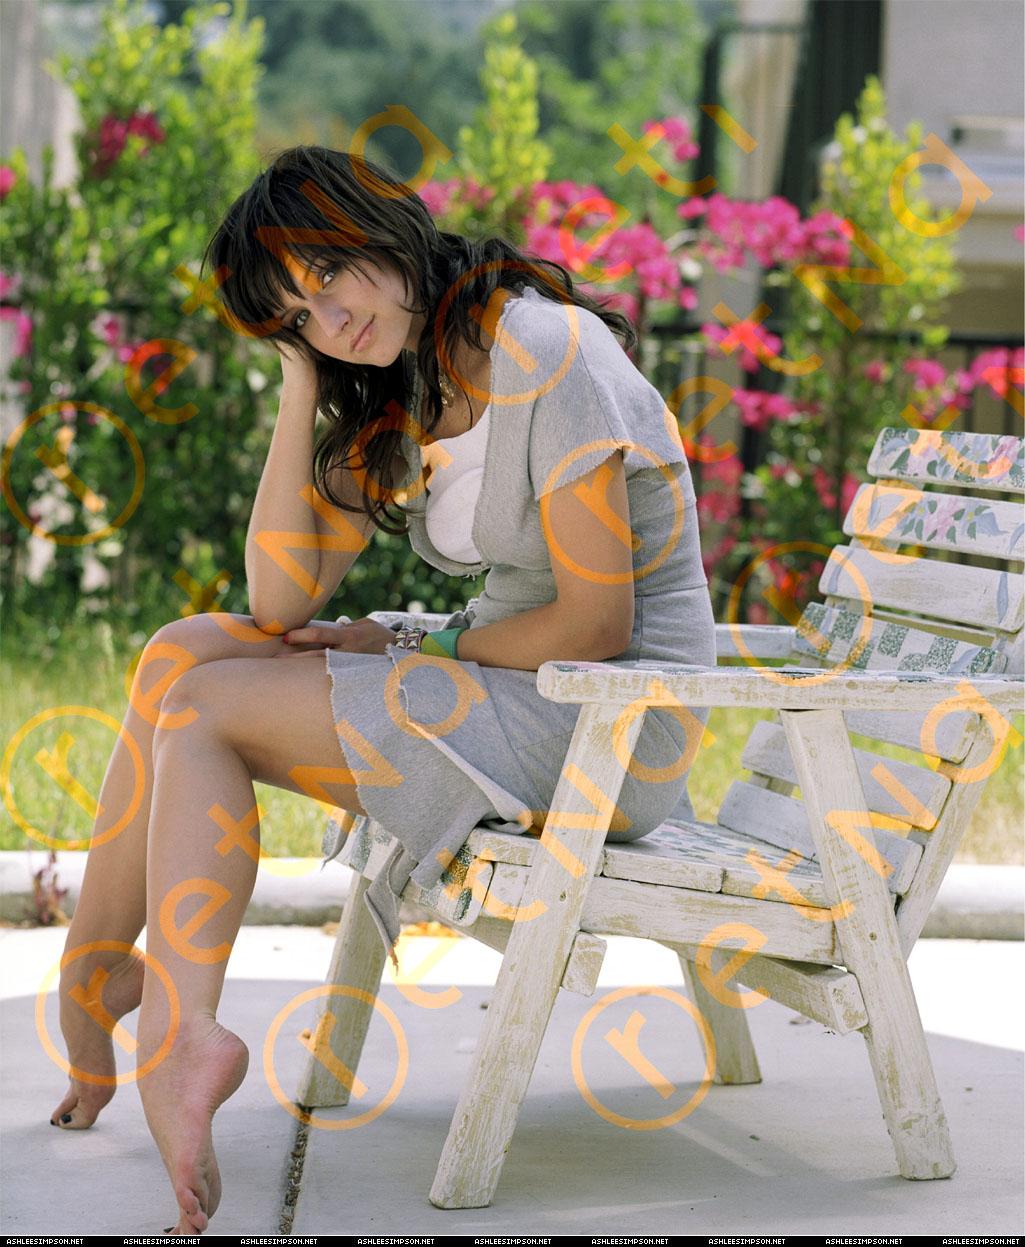 http://1.bp.blogspot.com/-KKDTARw17z4/TiAdAhXU2AI/AAAAAAAAALE/OV04WgGlD14/s1600/Ashlee-Simpson-Wentz-Feet-361885.jpg